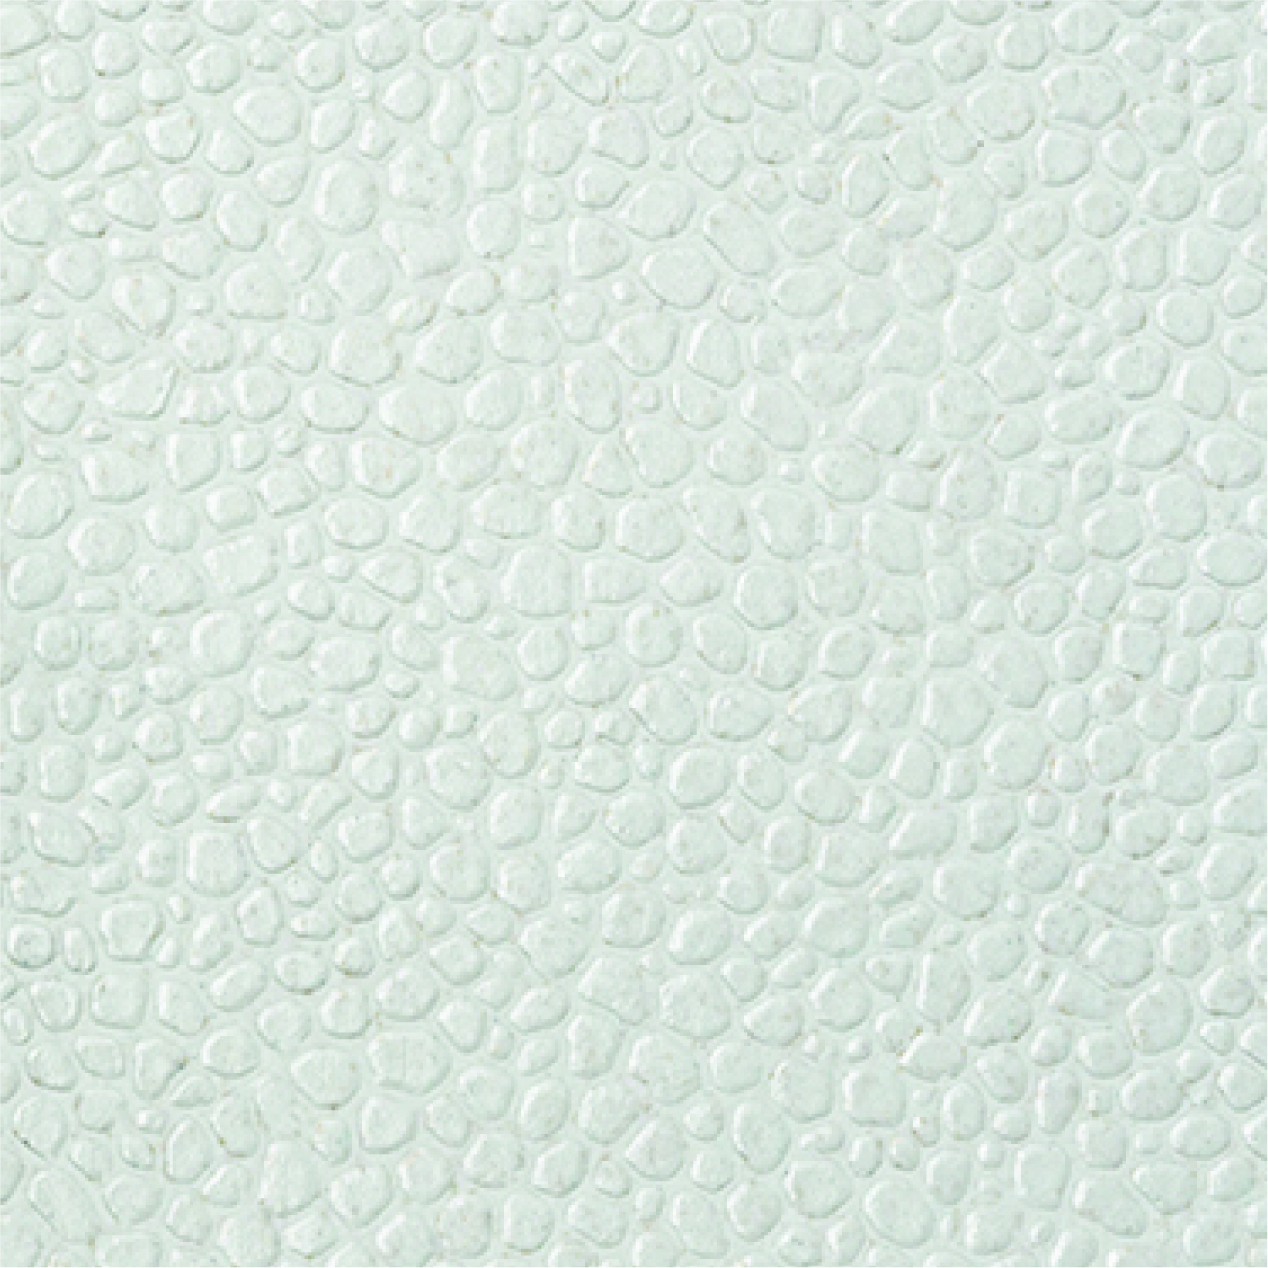 Signature MIRUM Off-White